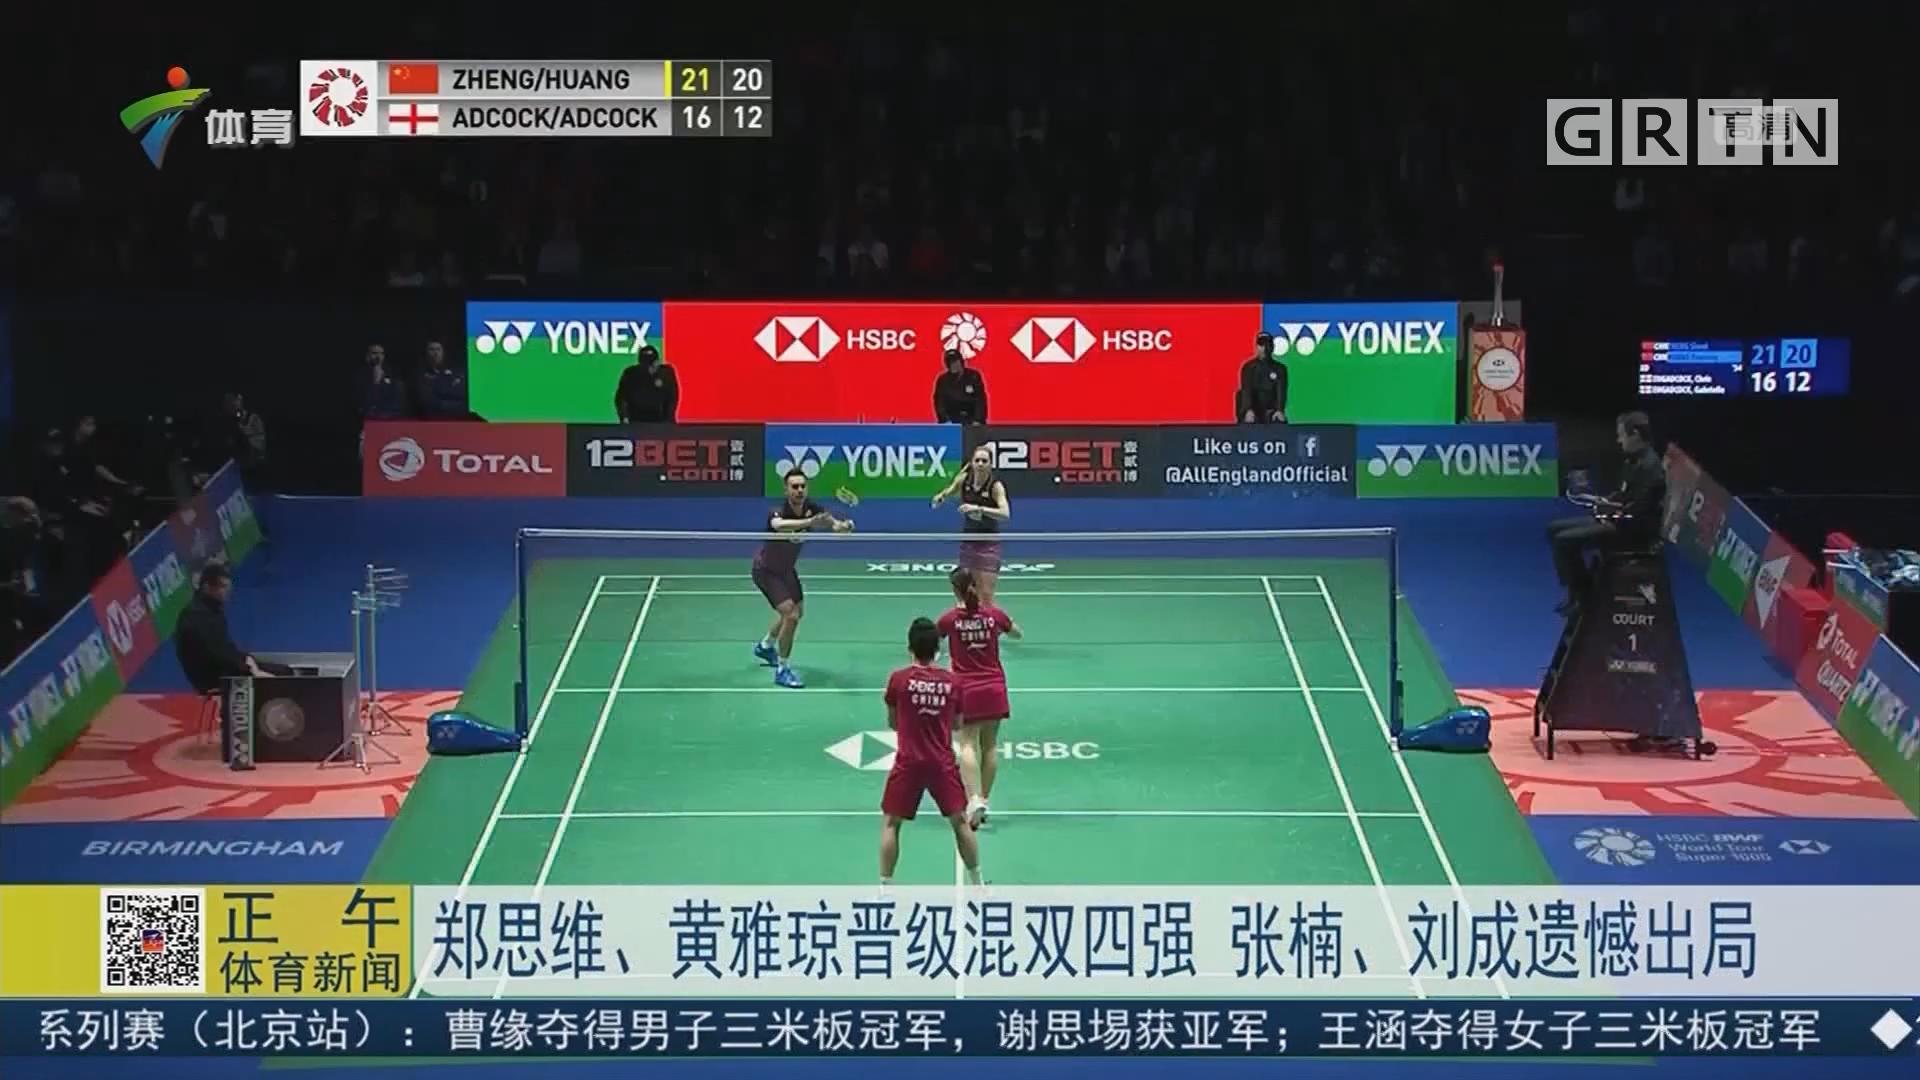 郑思维、黄雅琼晋级混双四强 张楠、刘成遗憾出局